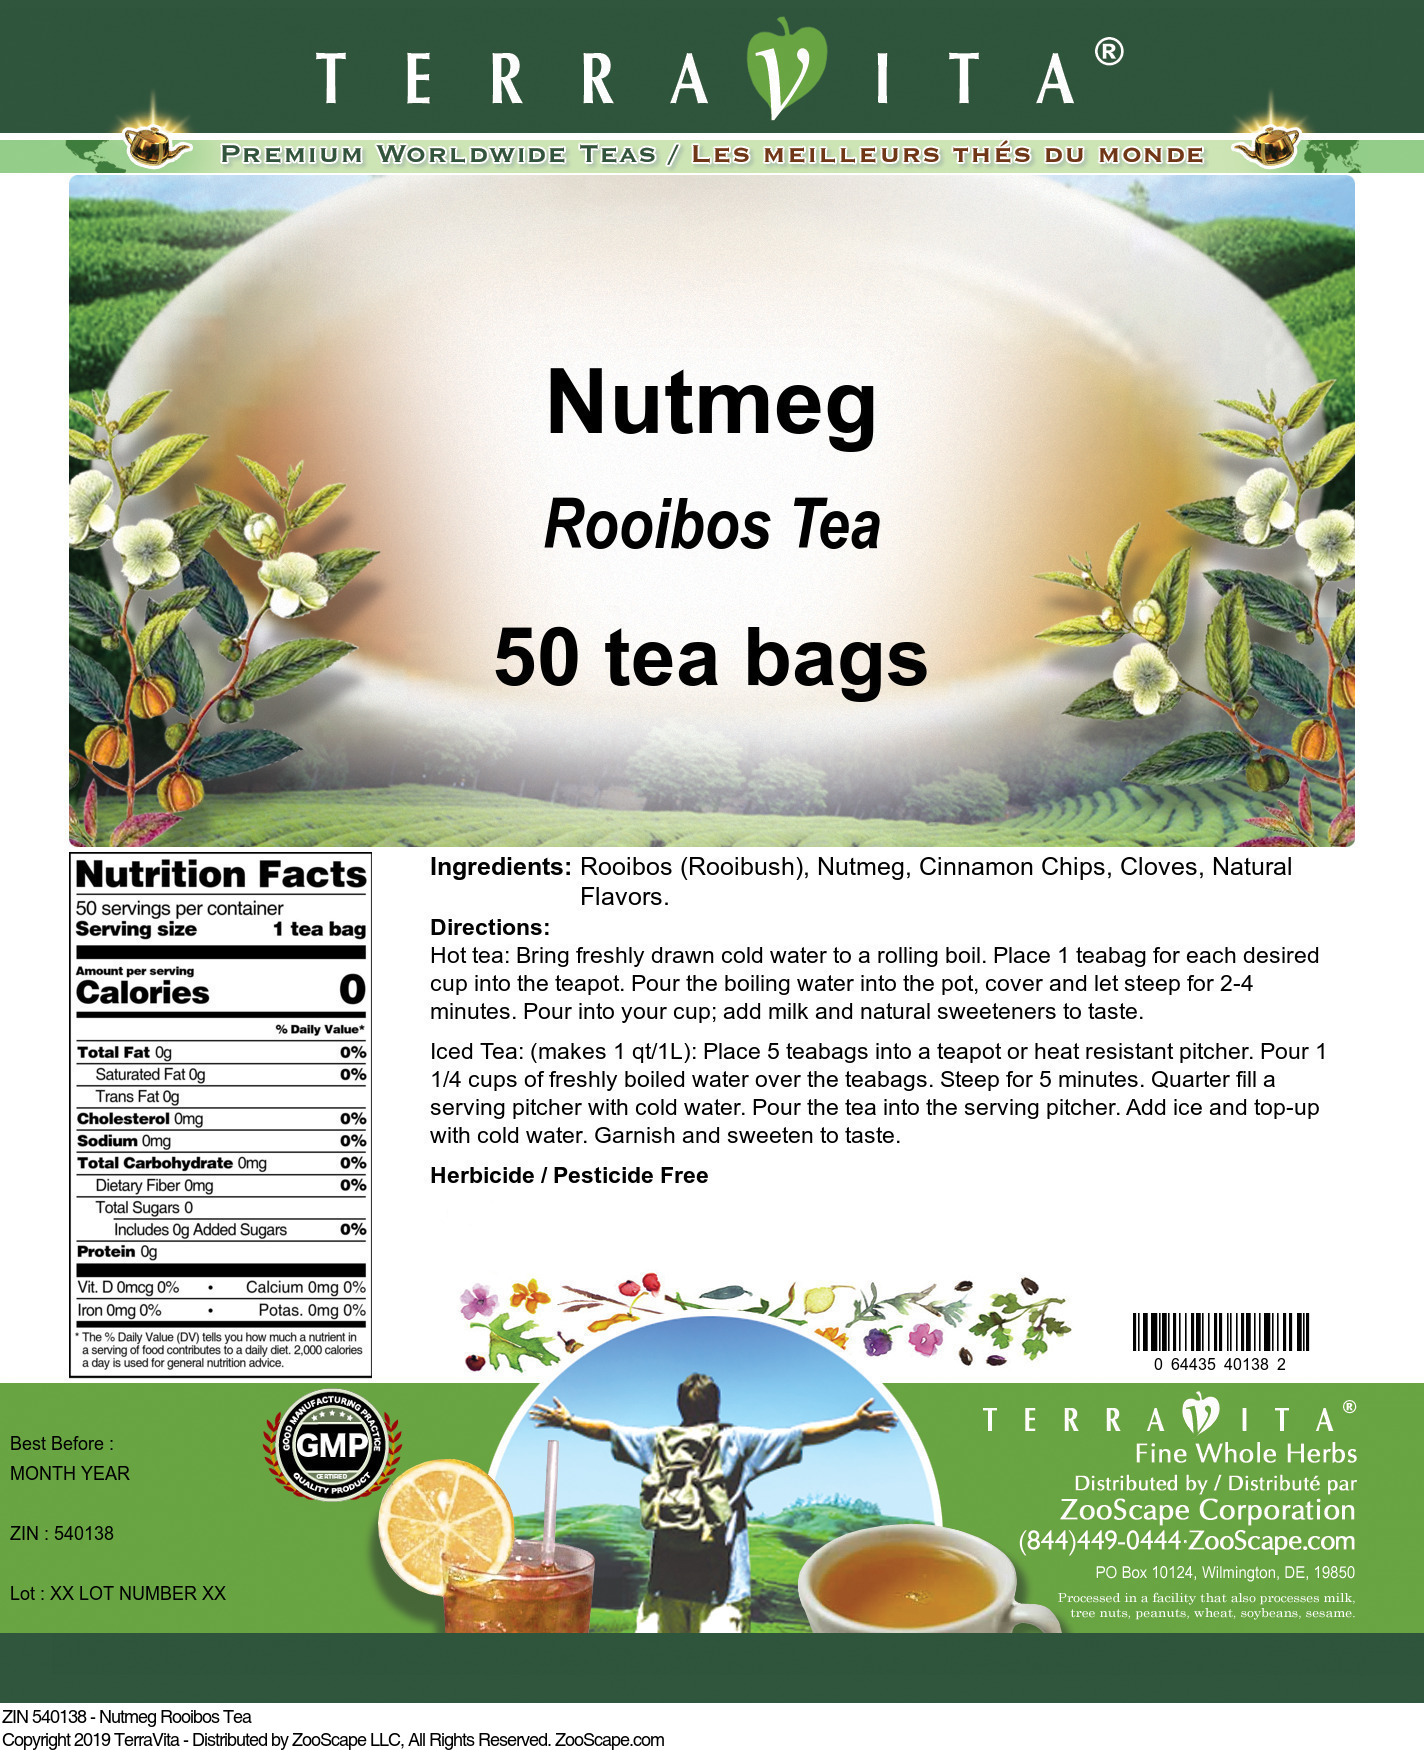 Nutmeg Rooibos Tea